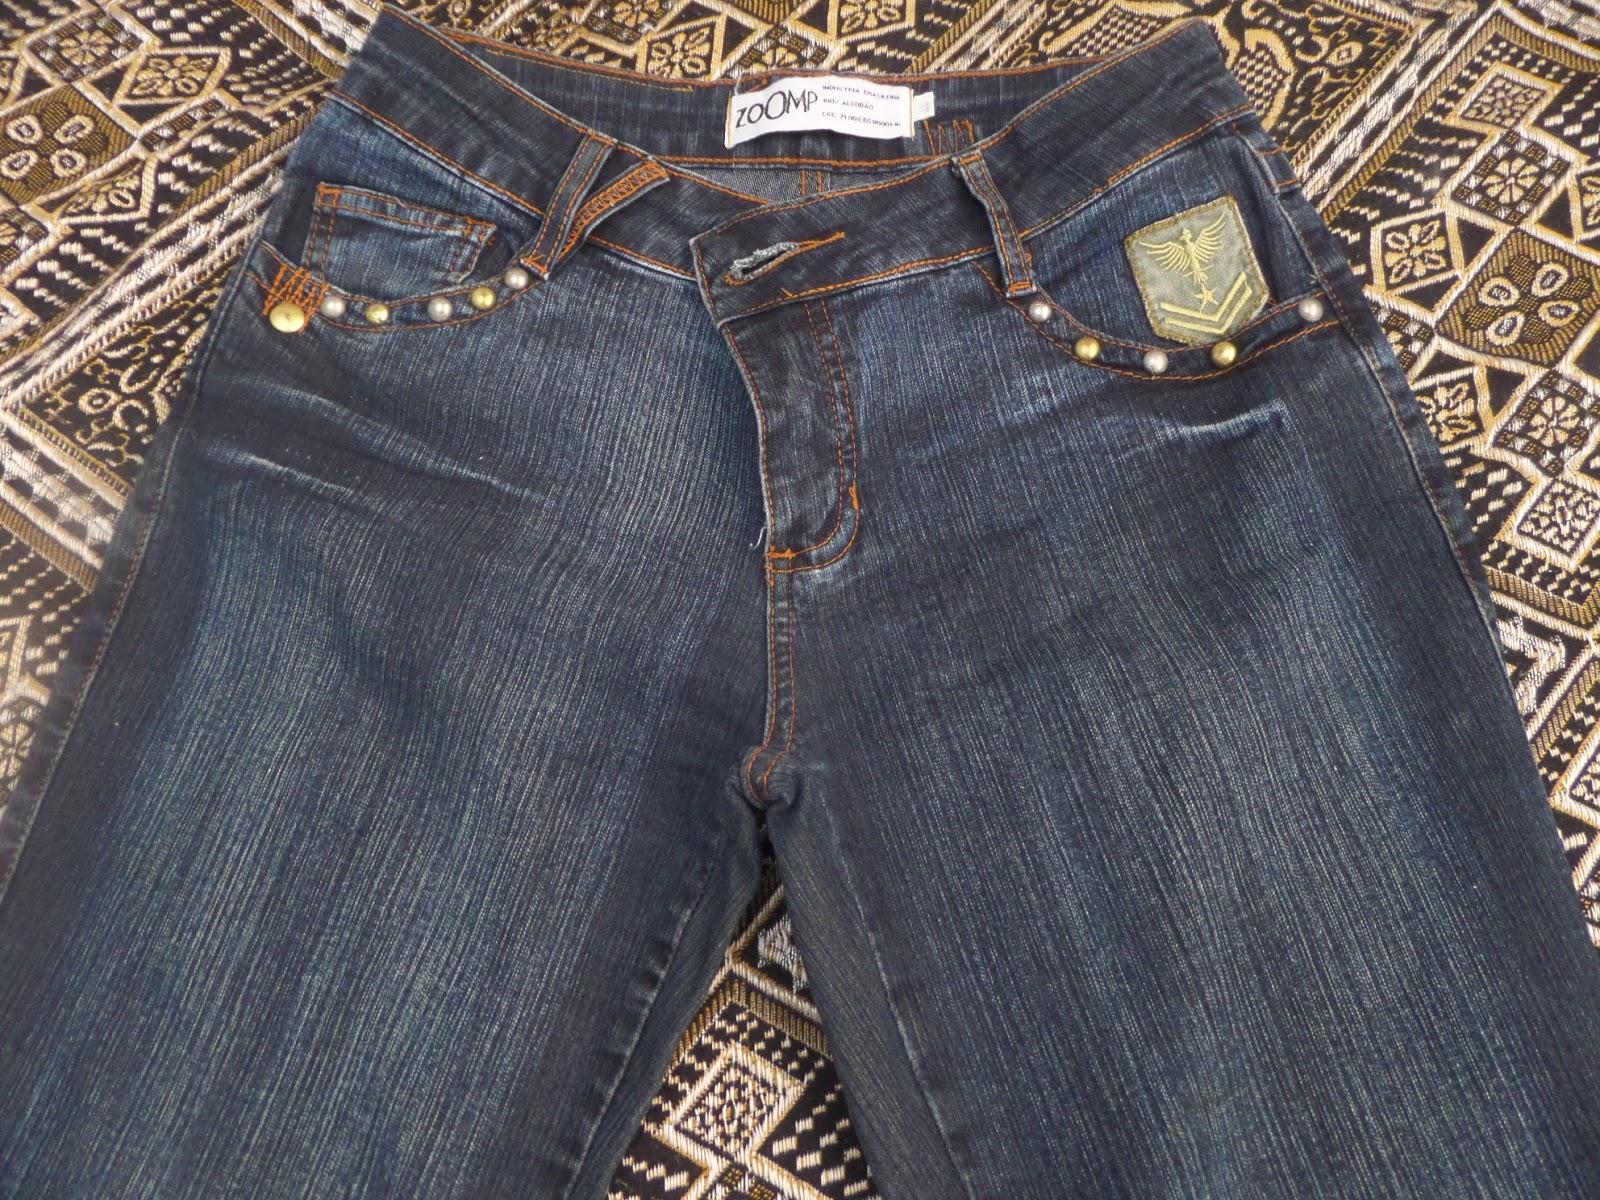 d22bdc0f3 1) Jeans Zoomp, tamanho 44, R$ 50,00 + Frete. Calça de jeans mais grosso,  com detalhe em bordado no bolso da frente